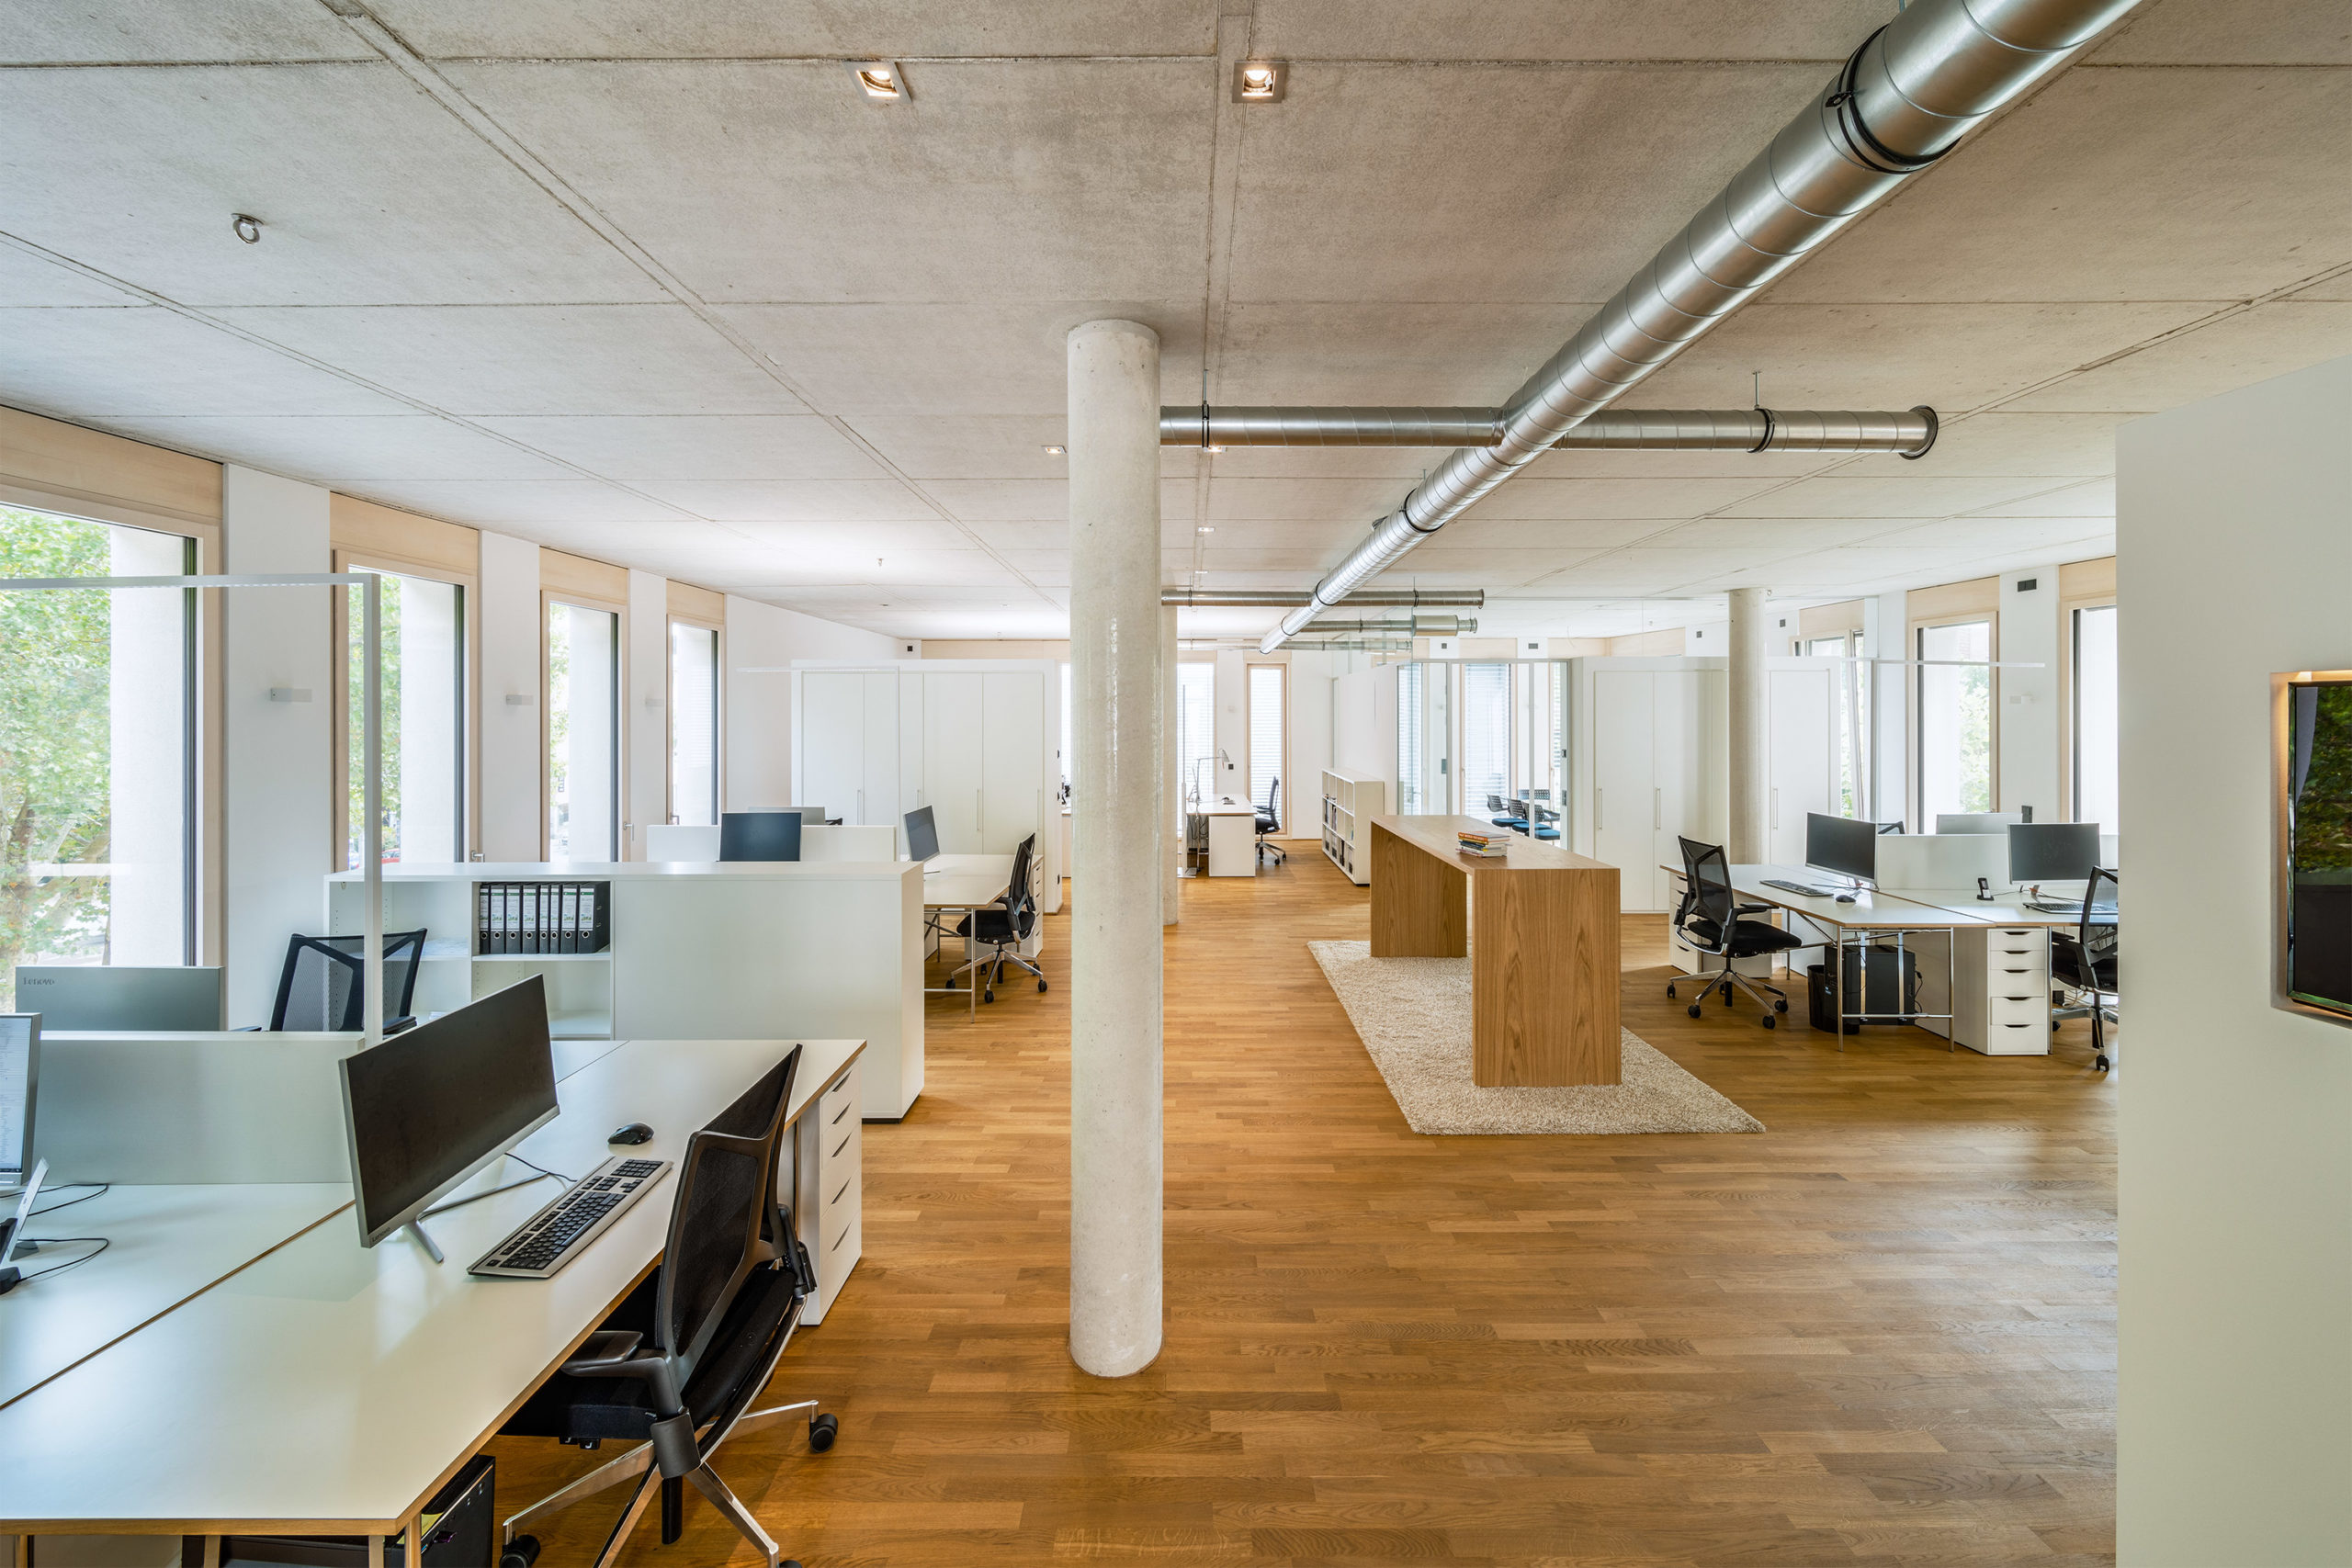 Innenaufnahme des Büros von Bitsch+Bienstein Architekten in Wiesbaden